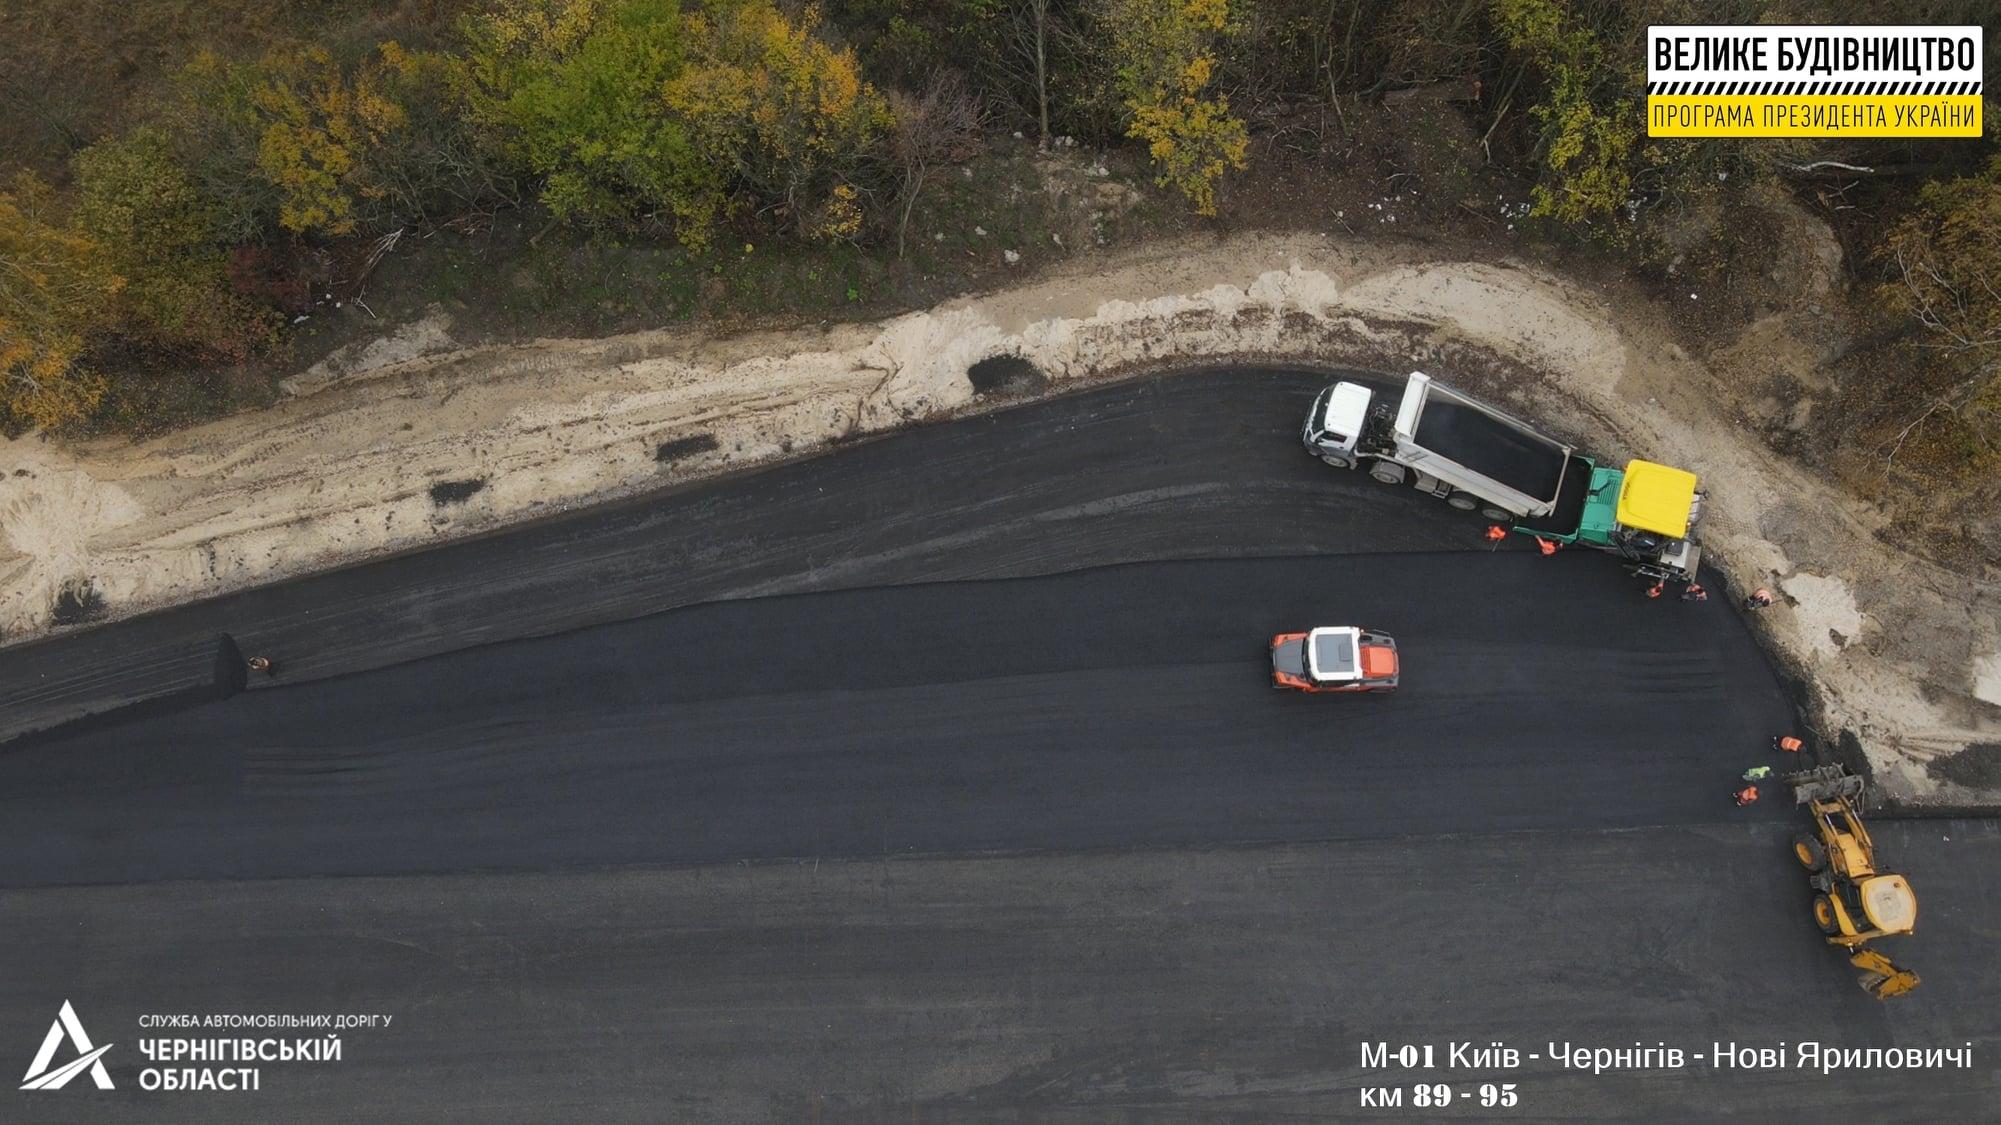 Капремонт київської траси: в роботі дві ділянки по Чернігівській області (Фото)